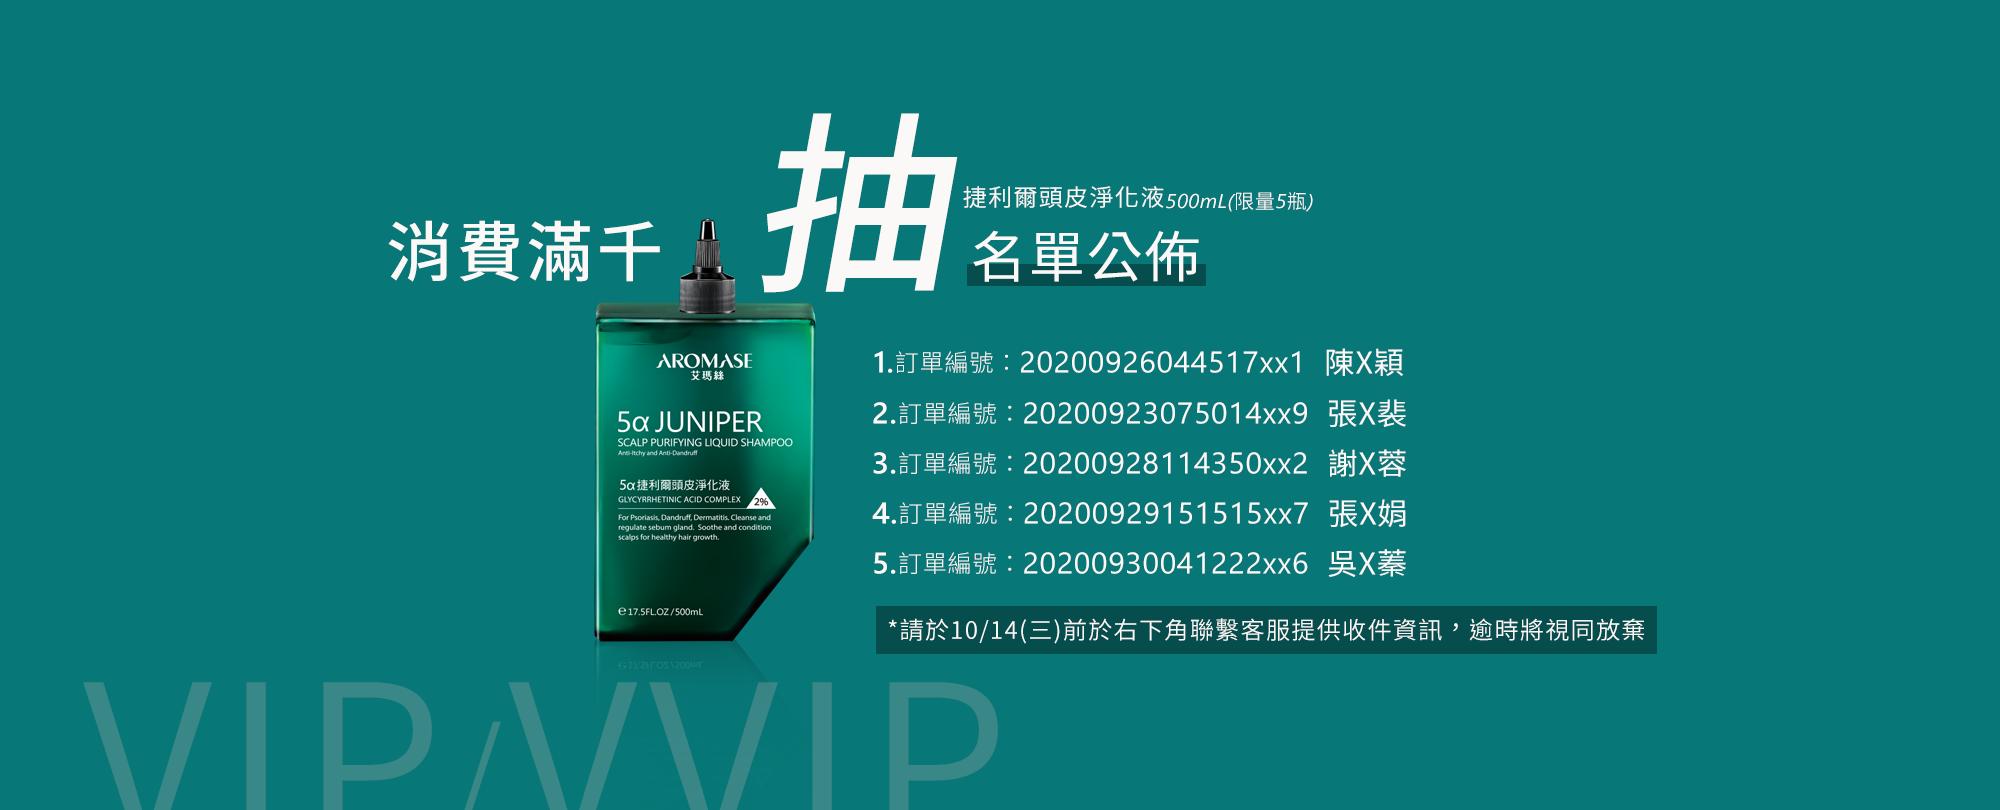 VIP/VVIP滿千抽頭皮淨化液500mL得獎名單